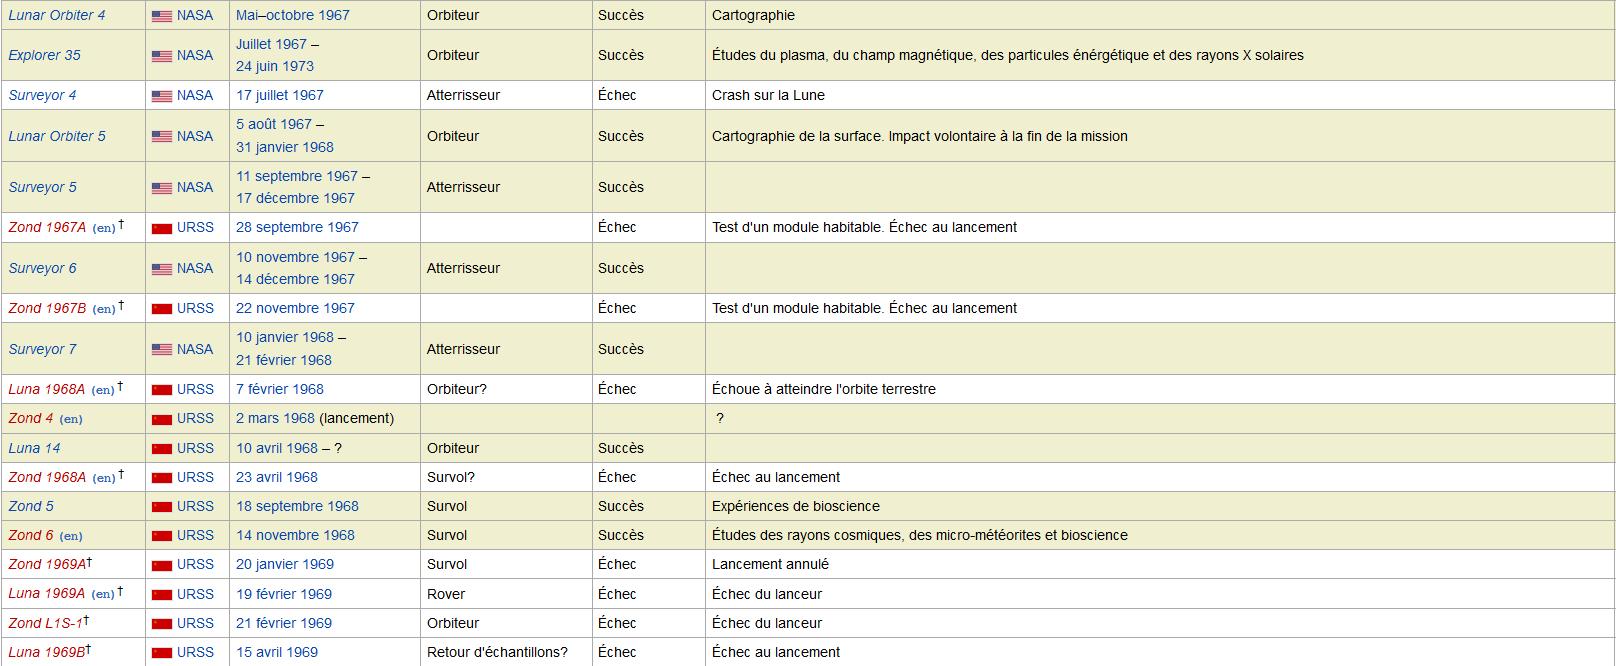 LISTE   DES   SONDES   SPATIALES   -   MEMO   -   ASTRONOMIE   -   HydroLAB Captur32